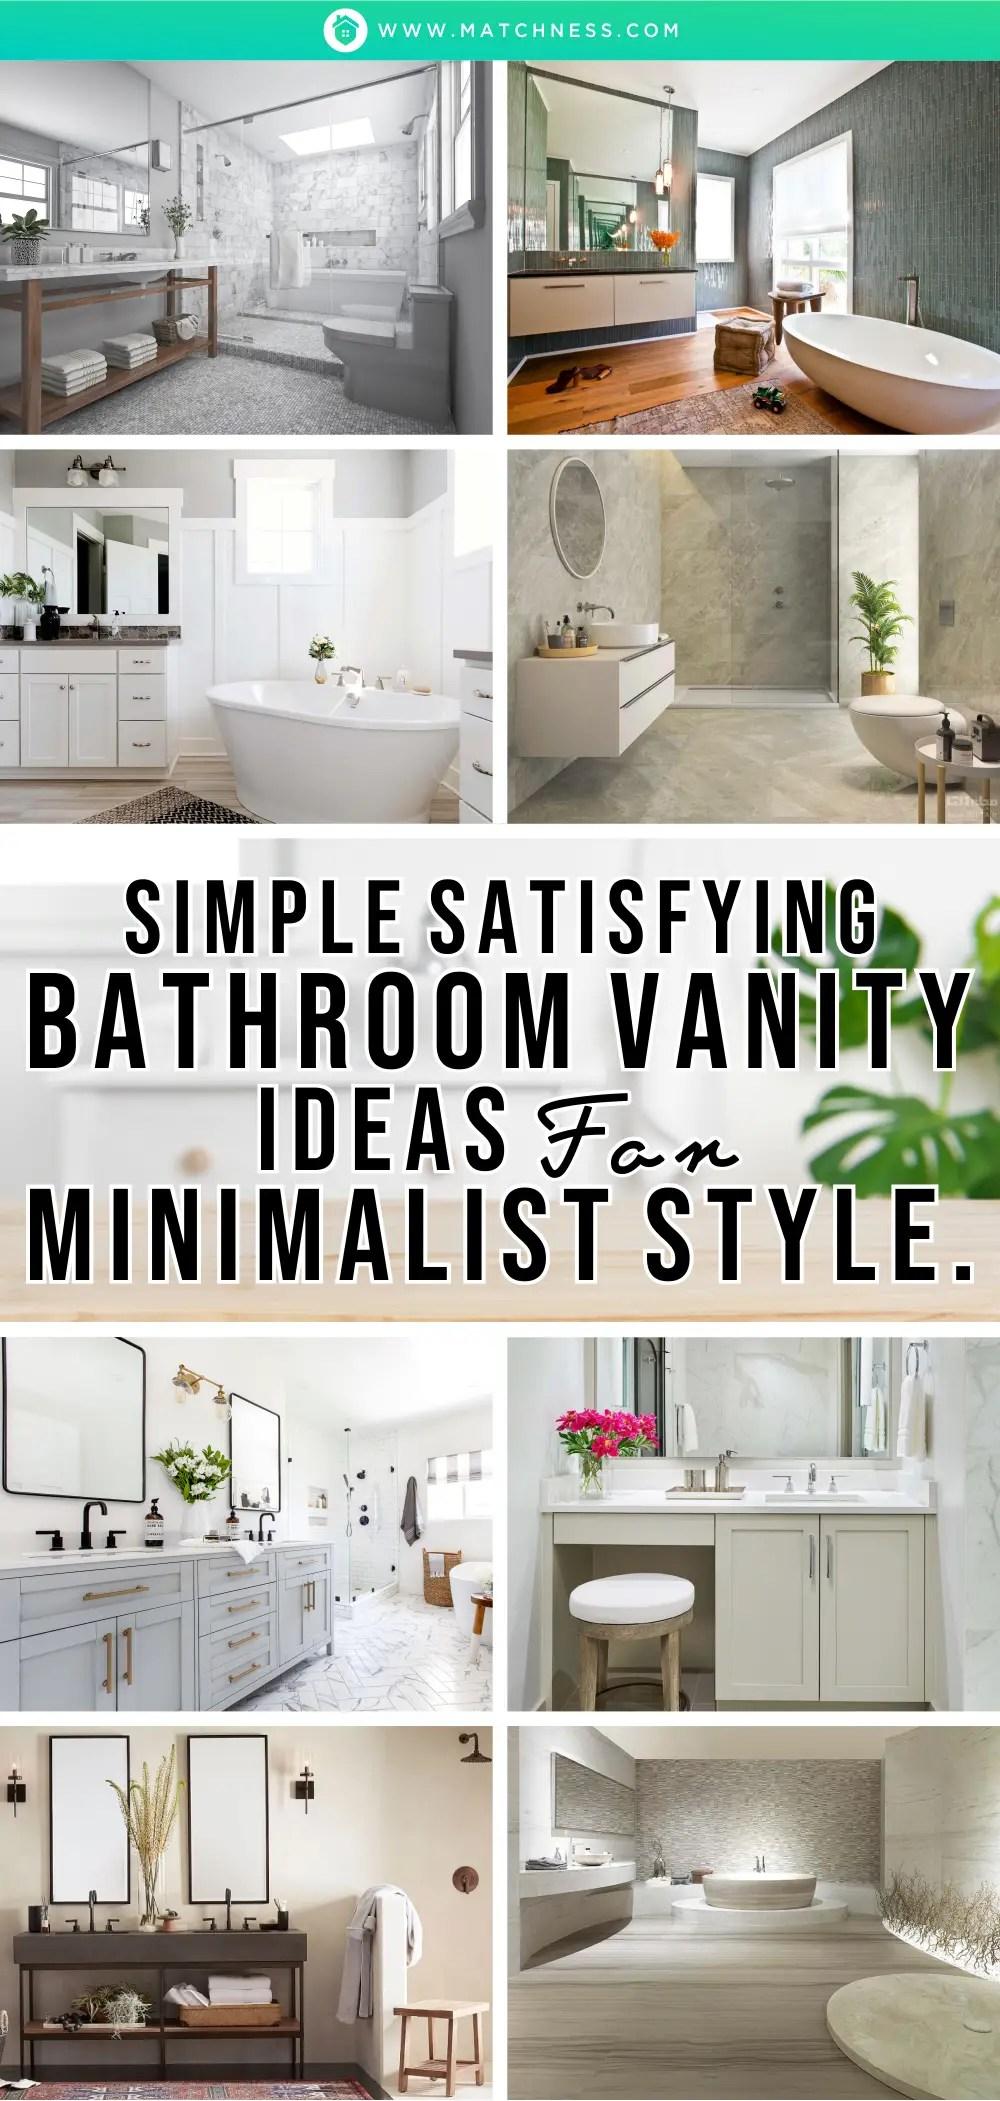 Simple-satisfying-bathroom-vanity-ideas-for-minimalist-style.1